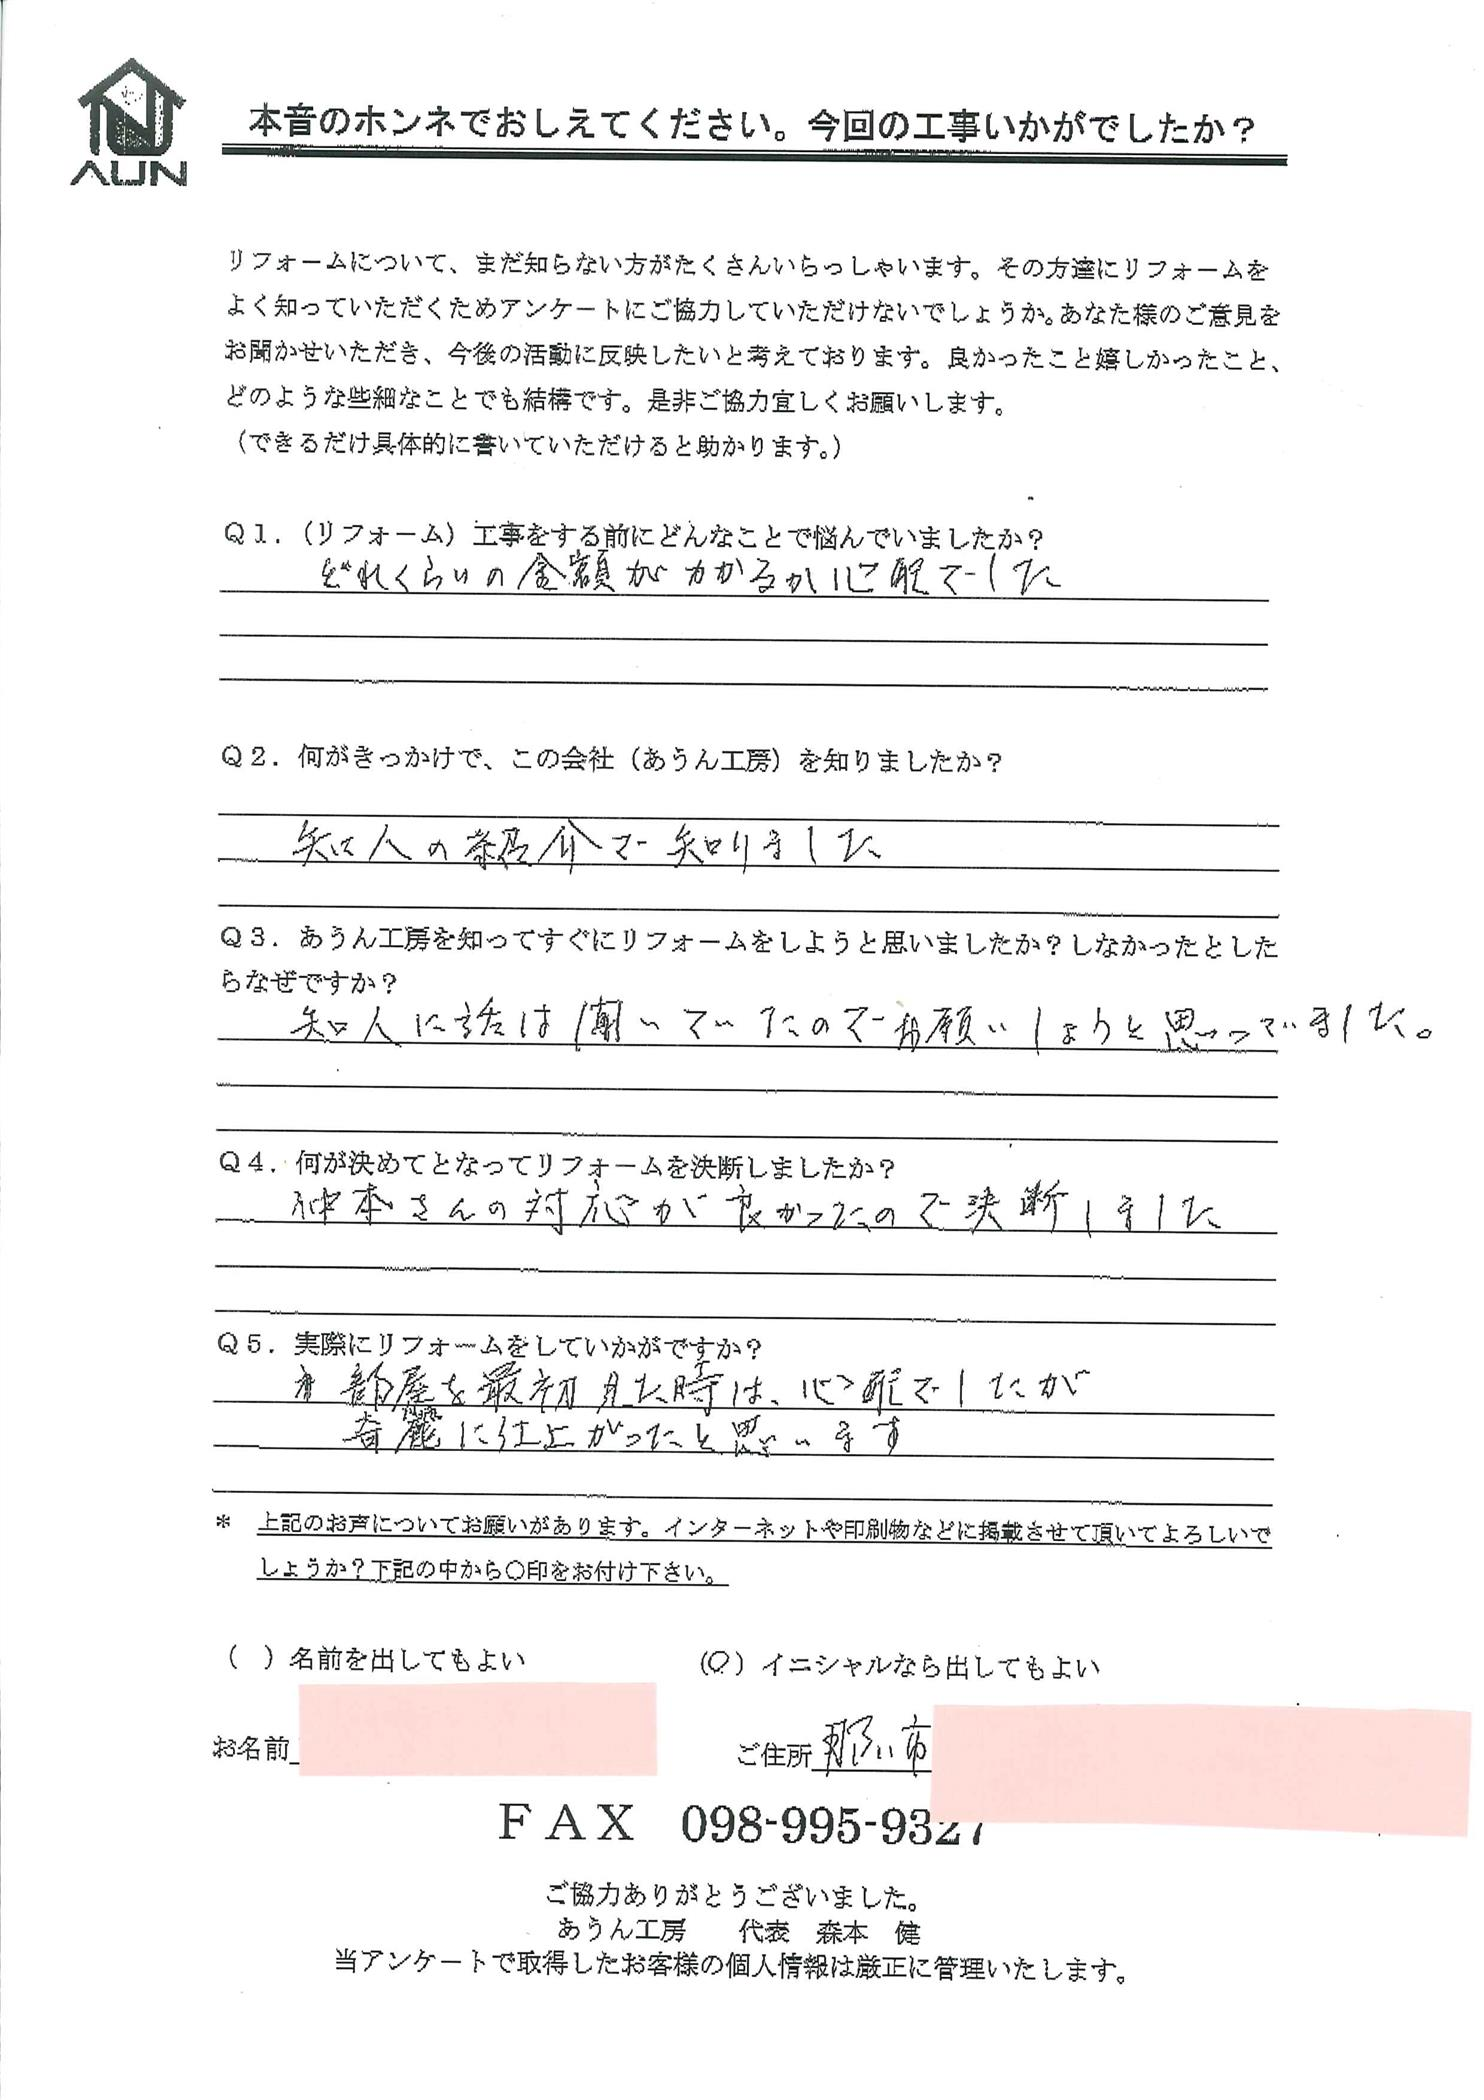 沖縄・那覇のリフォーム 実際のアンケートの画像:マンションリフォーム